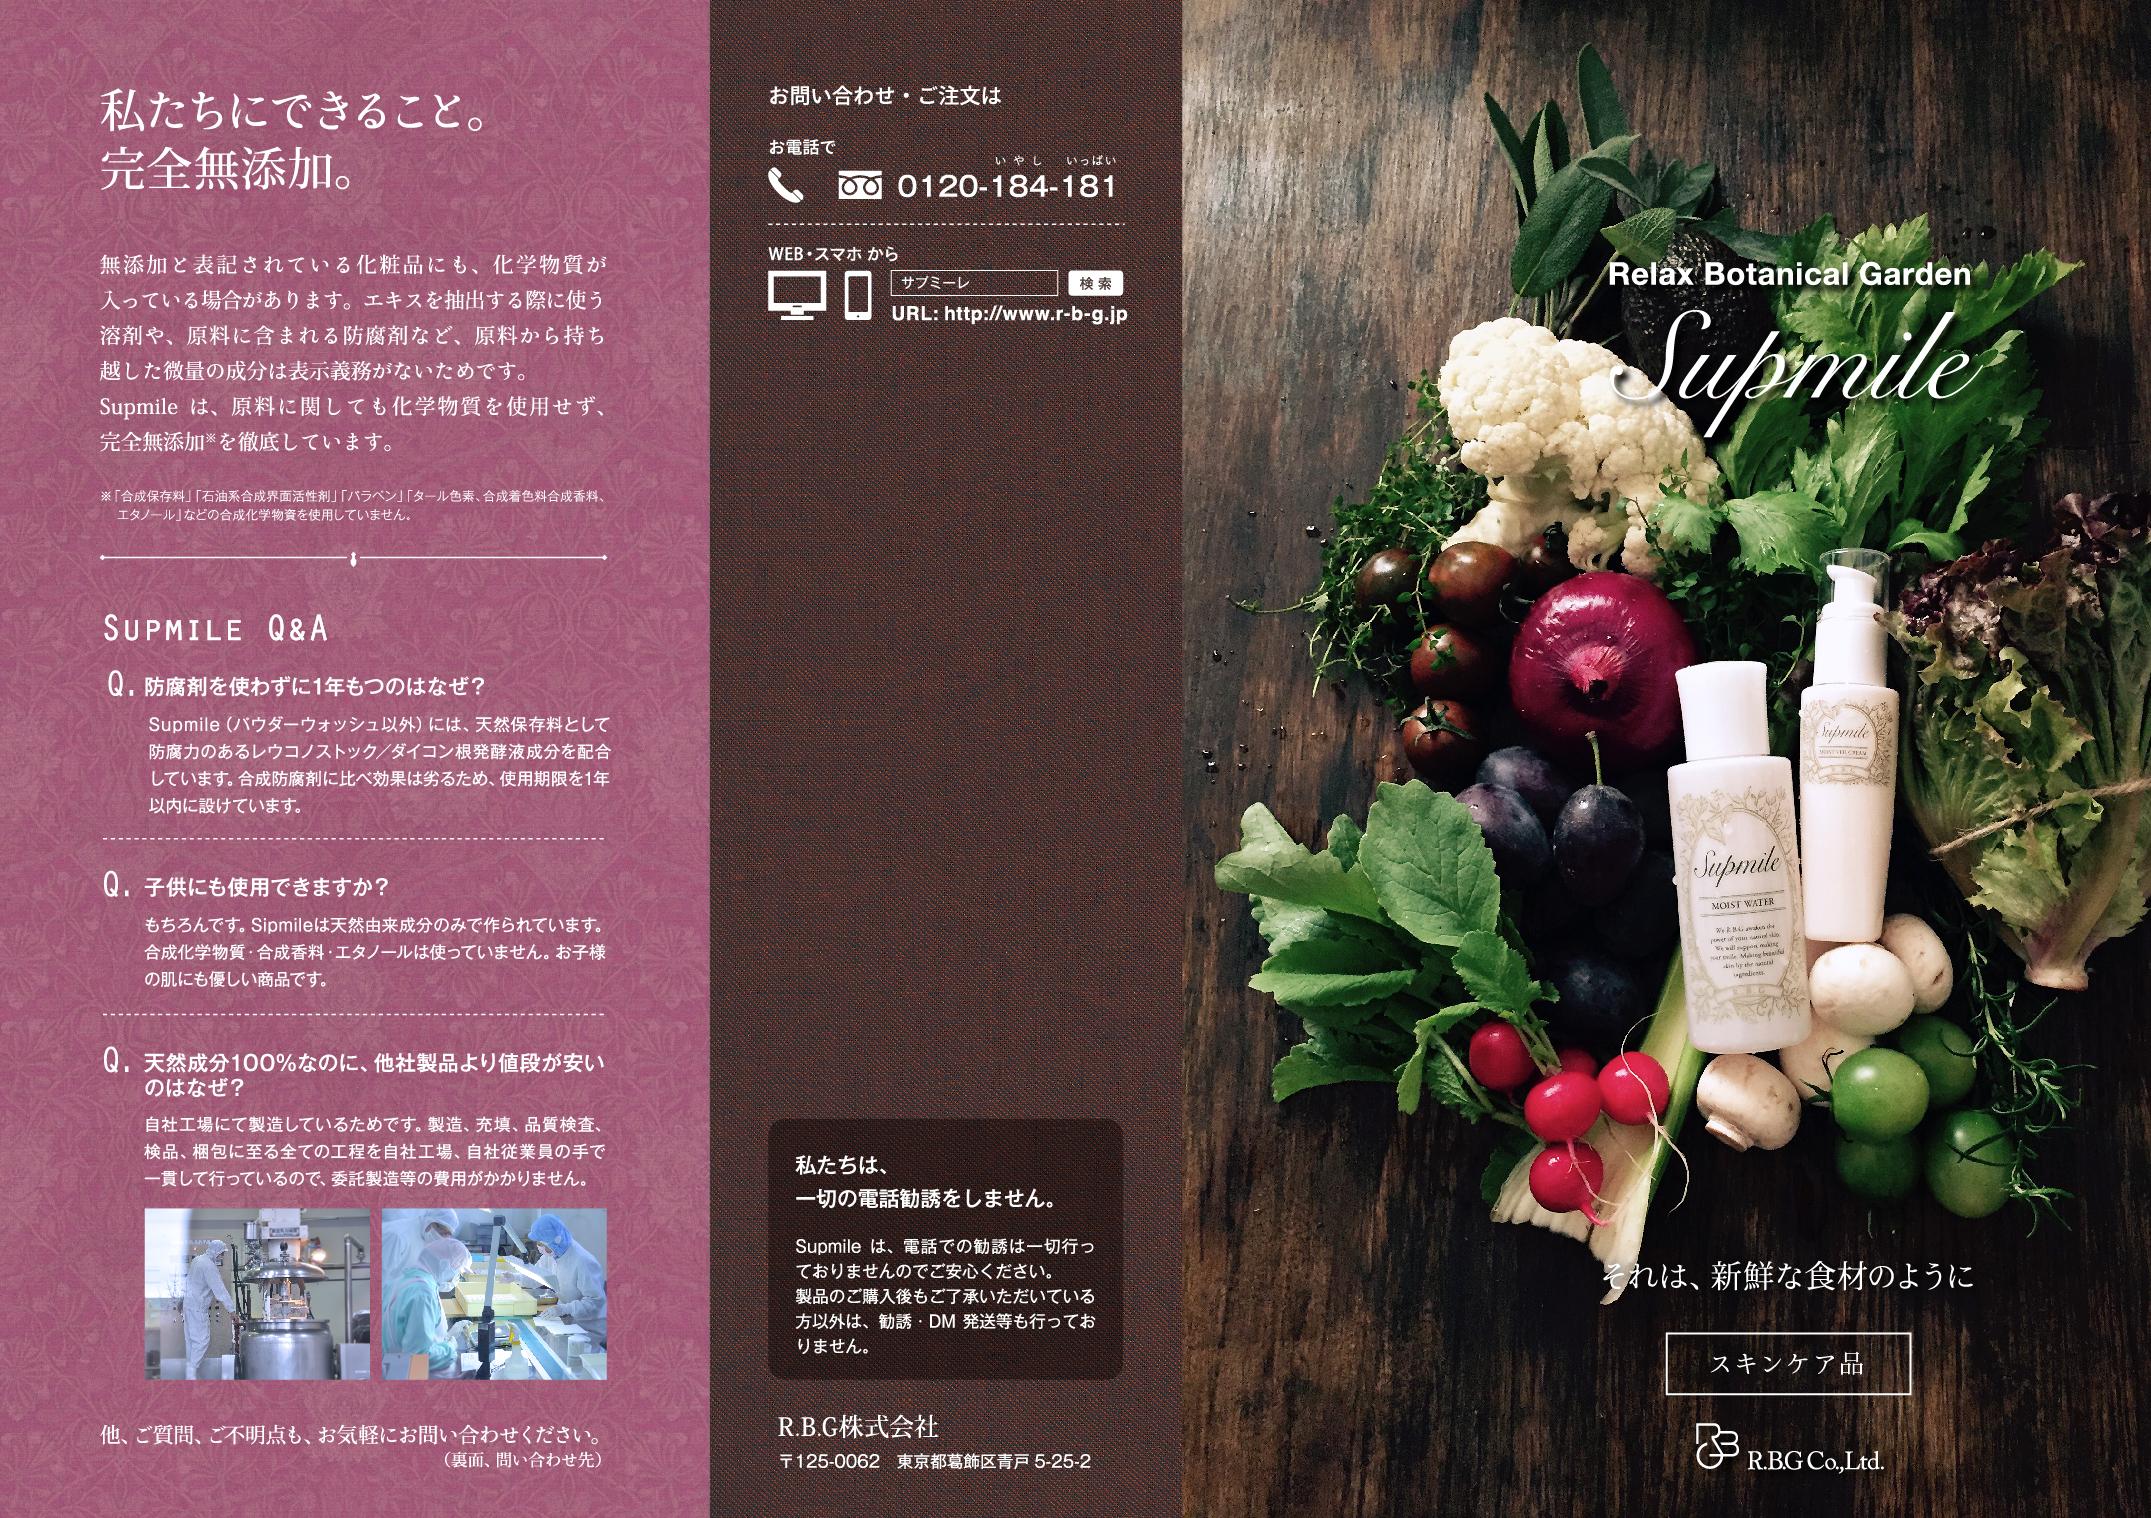 基礎化粧品 Supmile 新規パンフレット